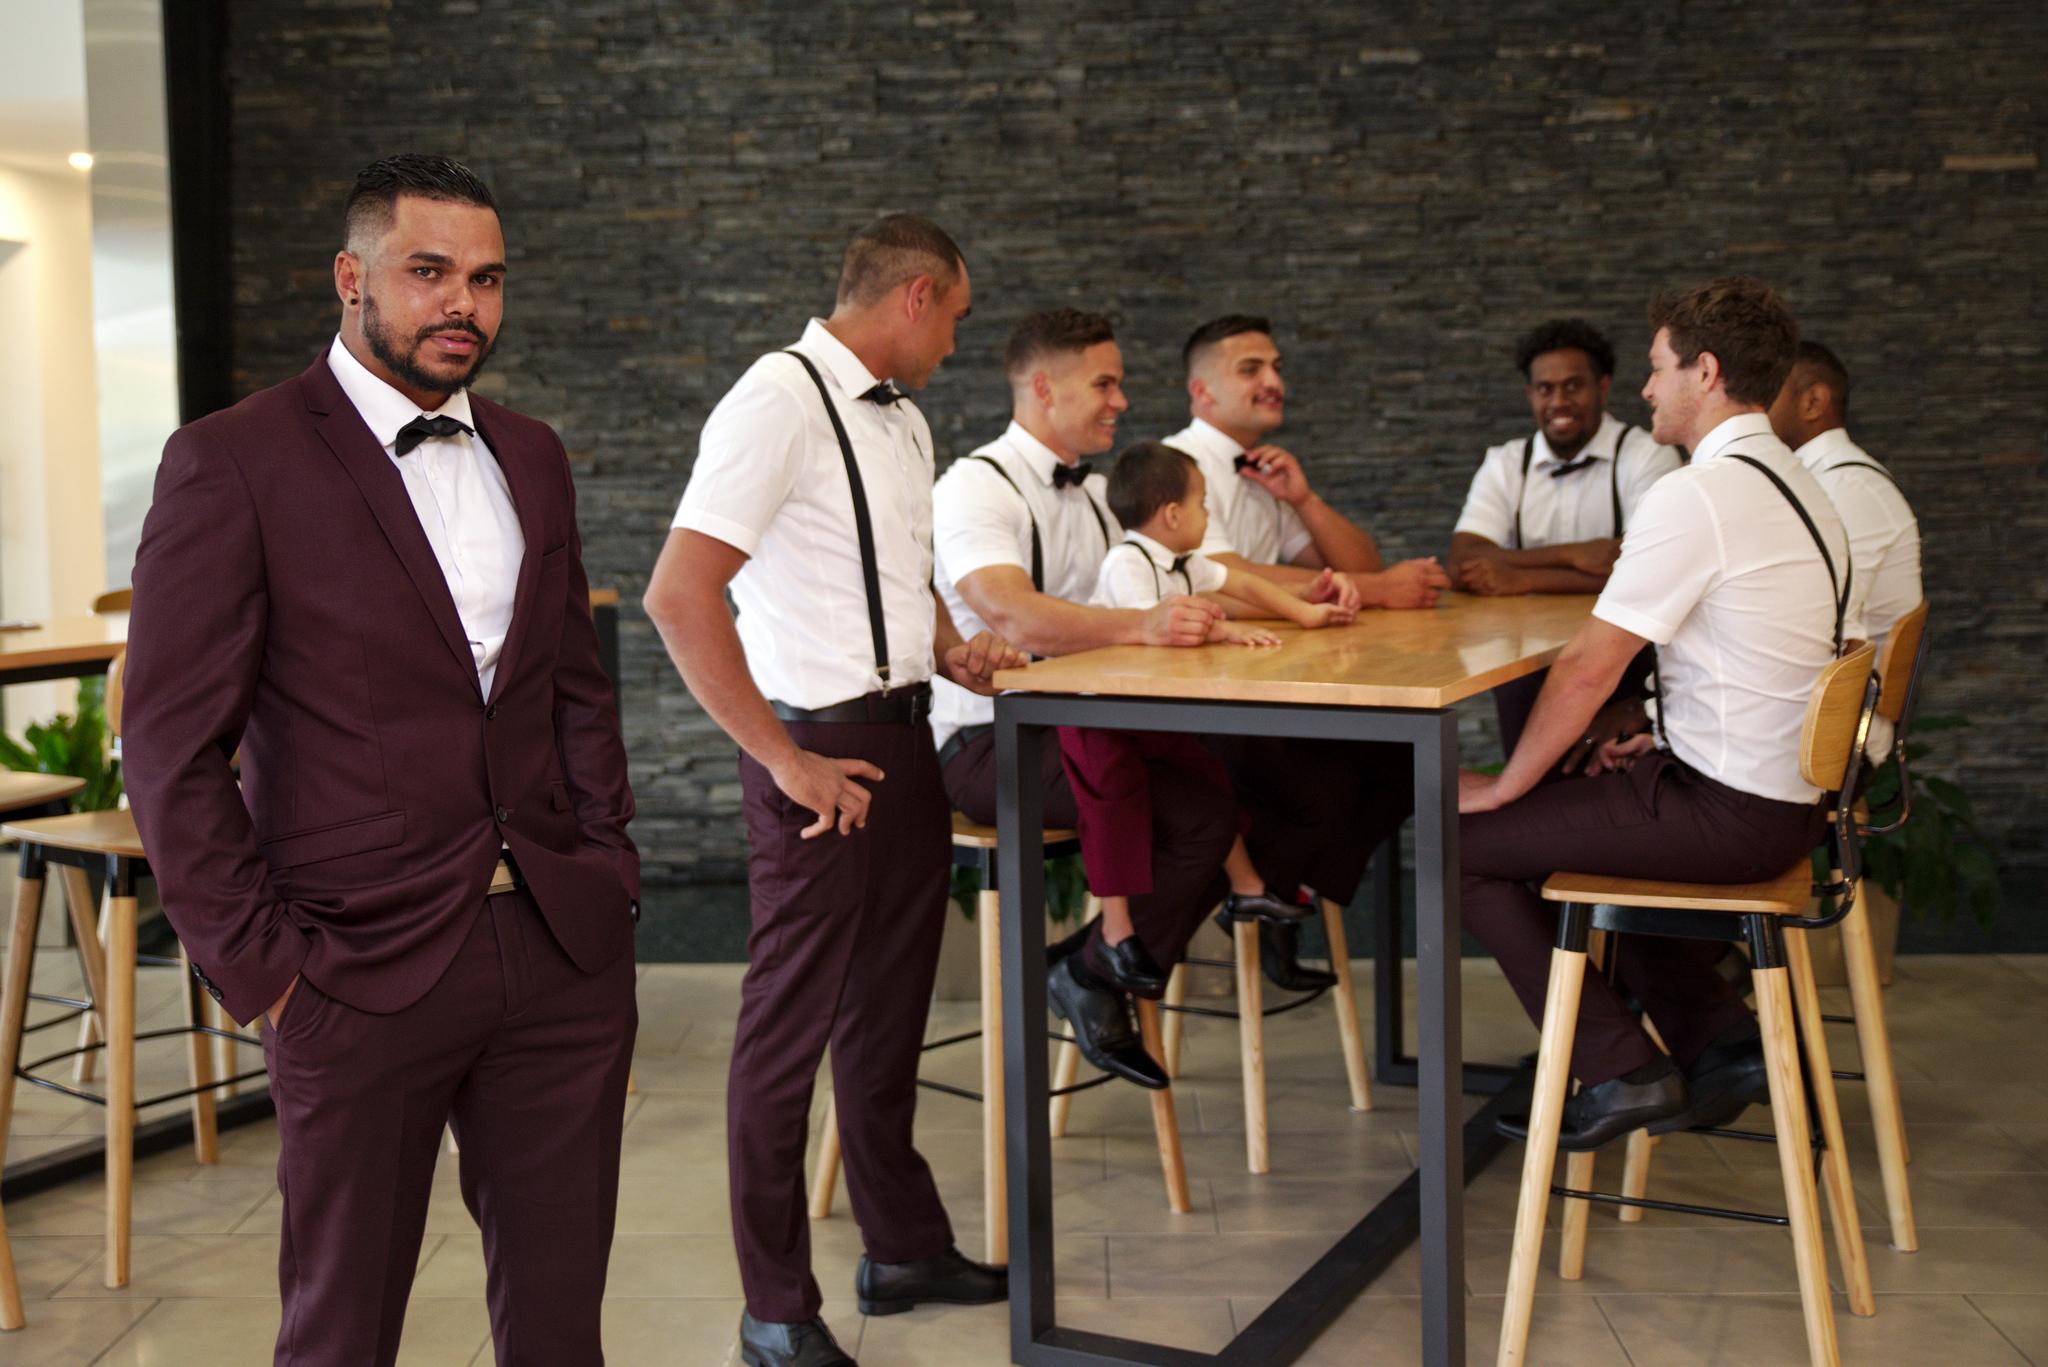 groom_and_groomsmen_2.jpg